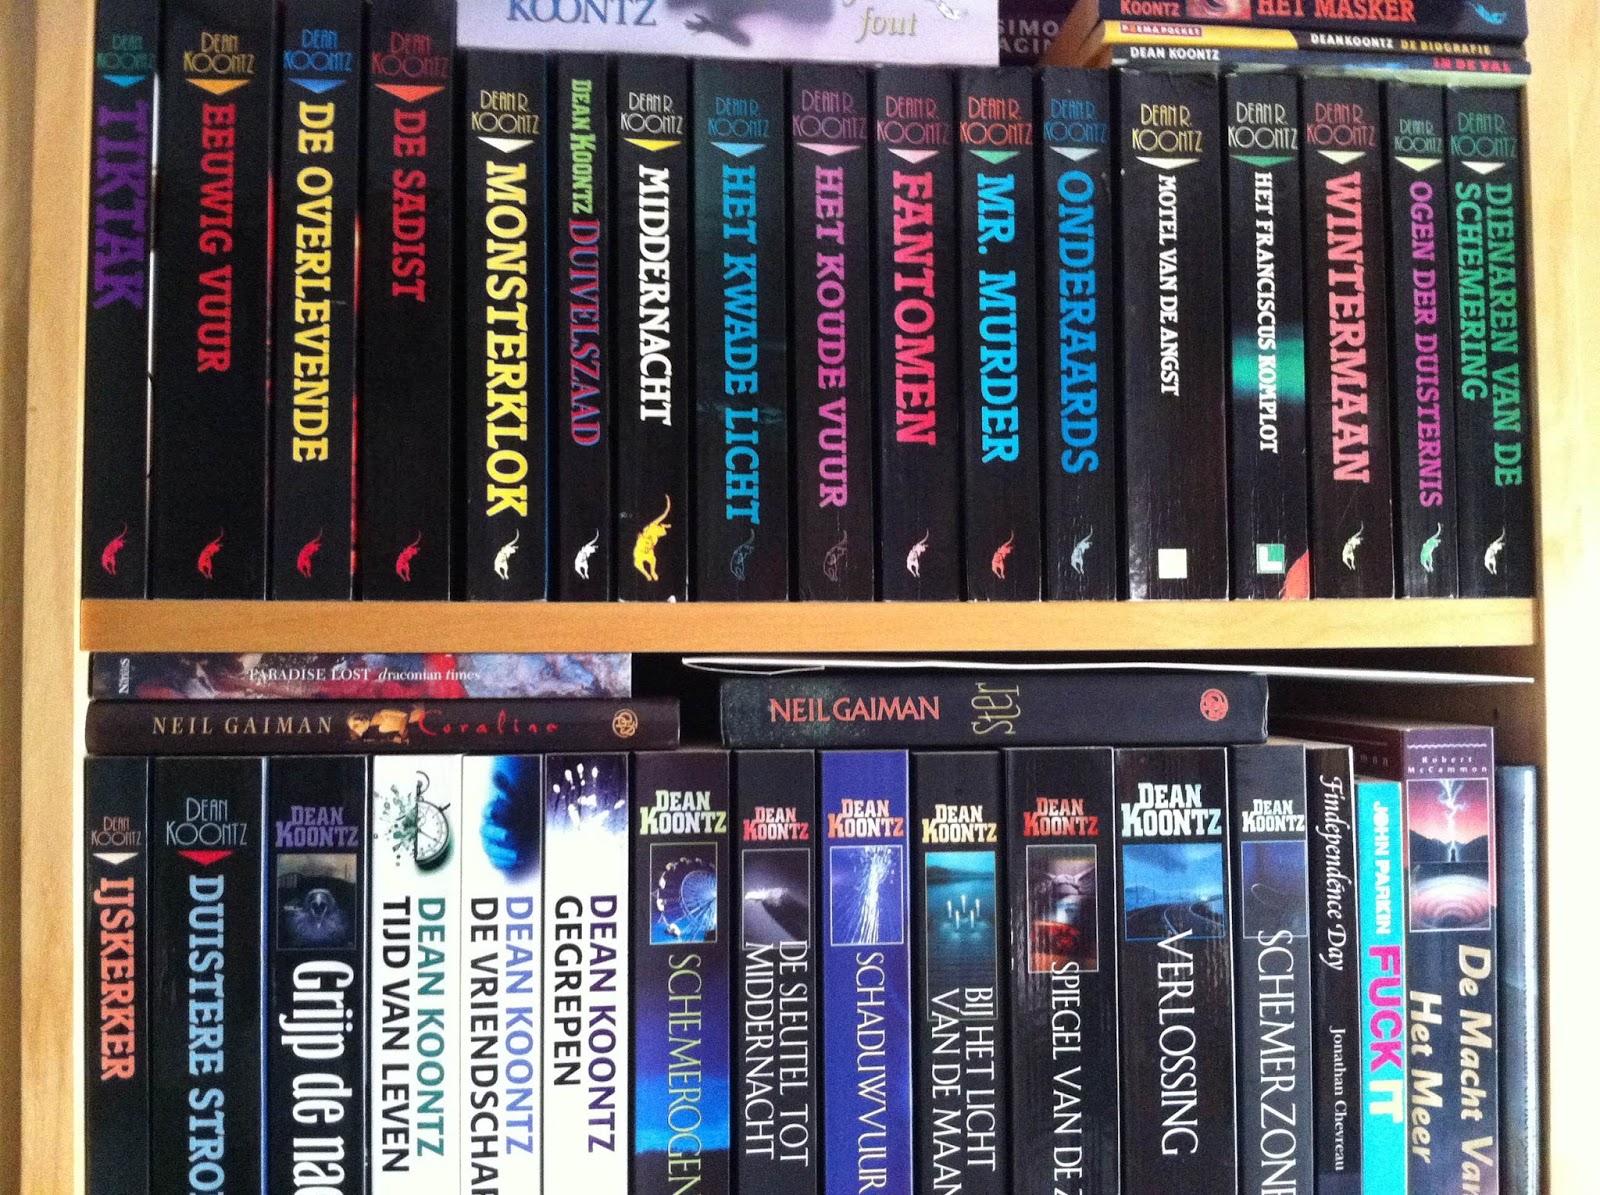 7 Jaloersmakende Boekenkasten : De meest jaloersmakende lofts